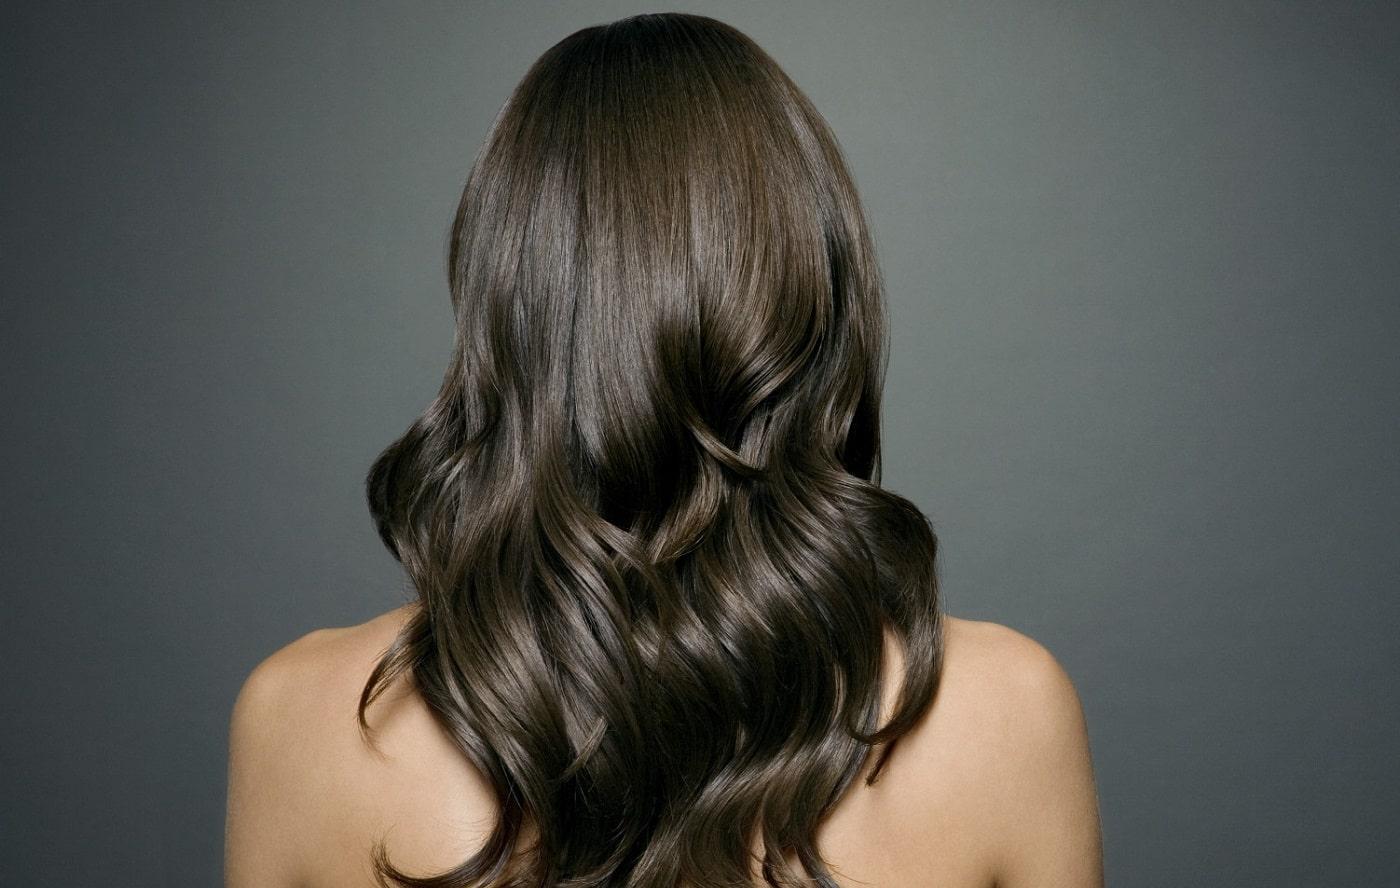 17 أفضل فيتامين للشعر لزيادة سماكة وطول شعرك